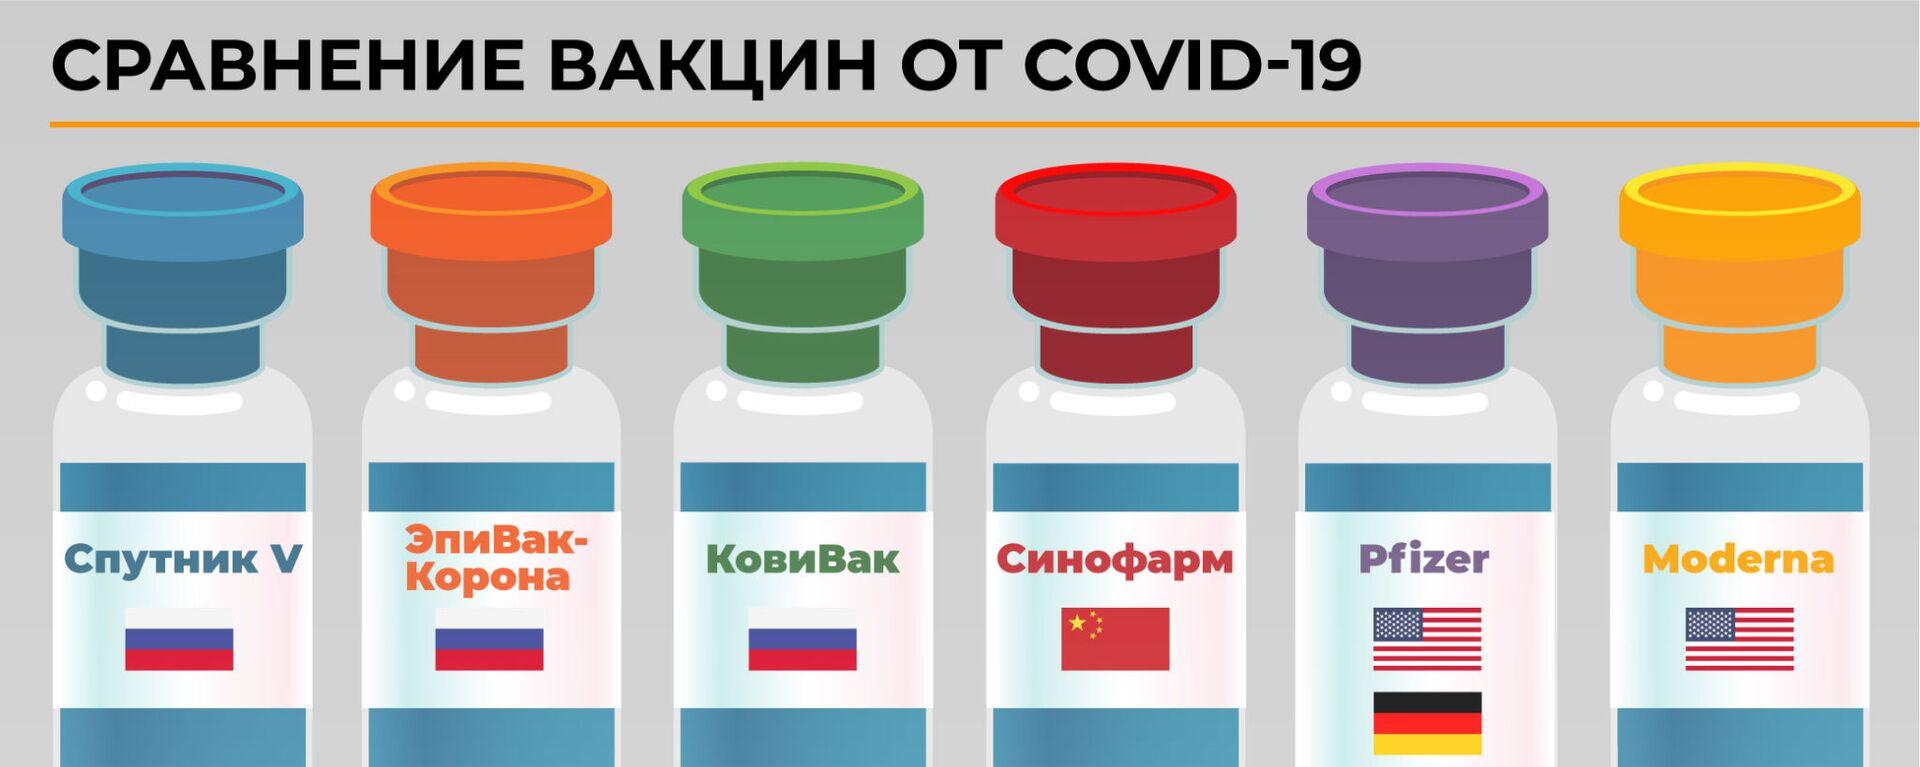 Сравнение вакцин от COVID-19 - Sputnik Узбекистан, 1920, 18.02.2021